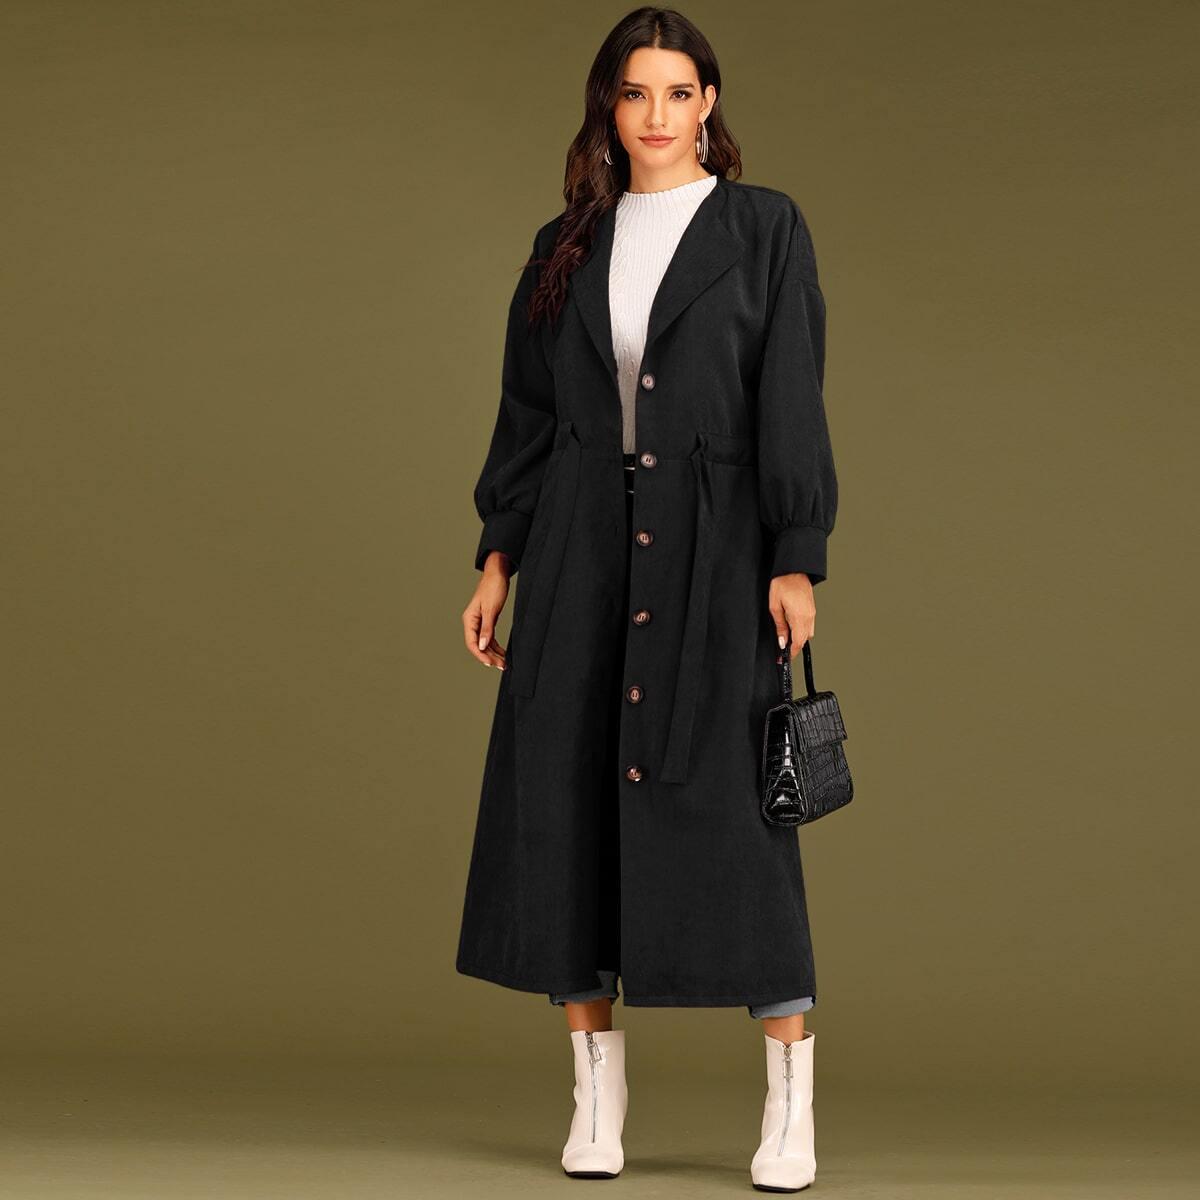 Schwarz Ziehbändchen Einfarbig Elegant Oberbekleidung